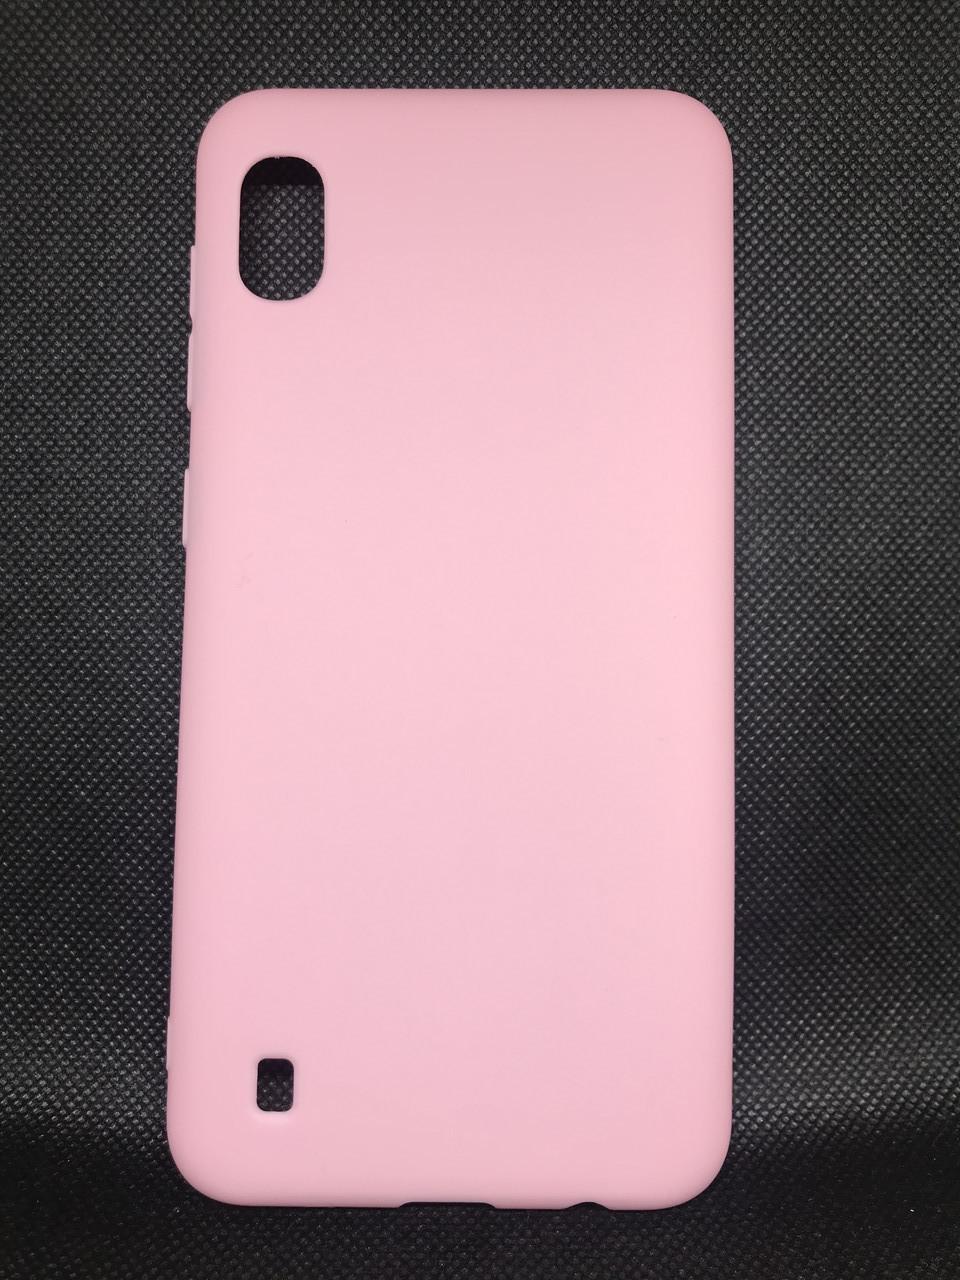 Чехол силиконовый для Samsung Galaxy A10 2019 (A105F) матовый розовый